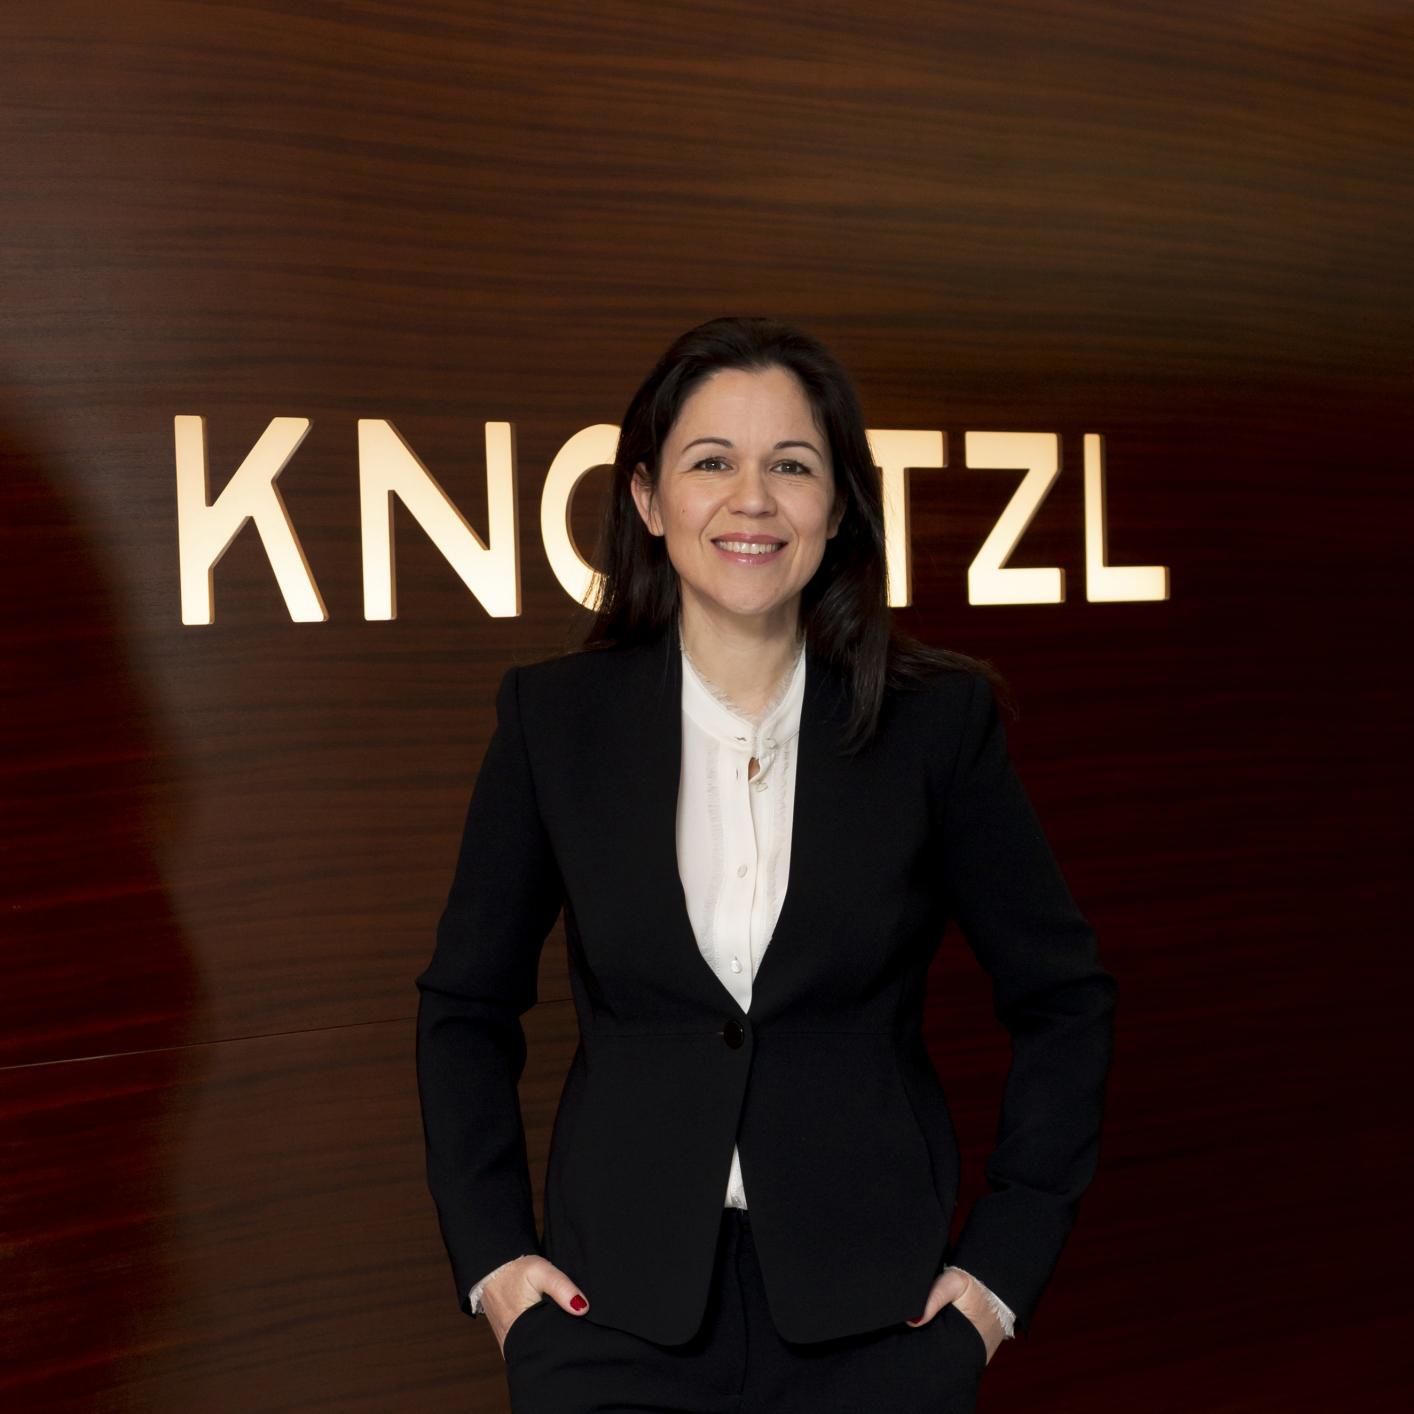 Knoetzl-Spatz1